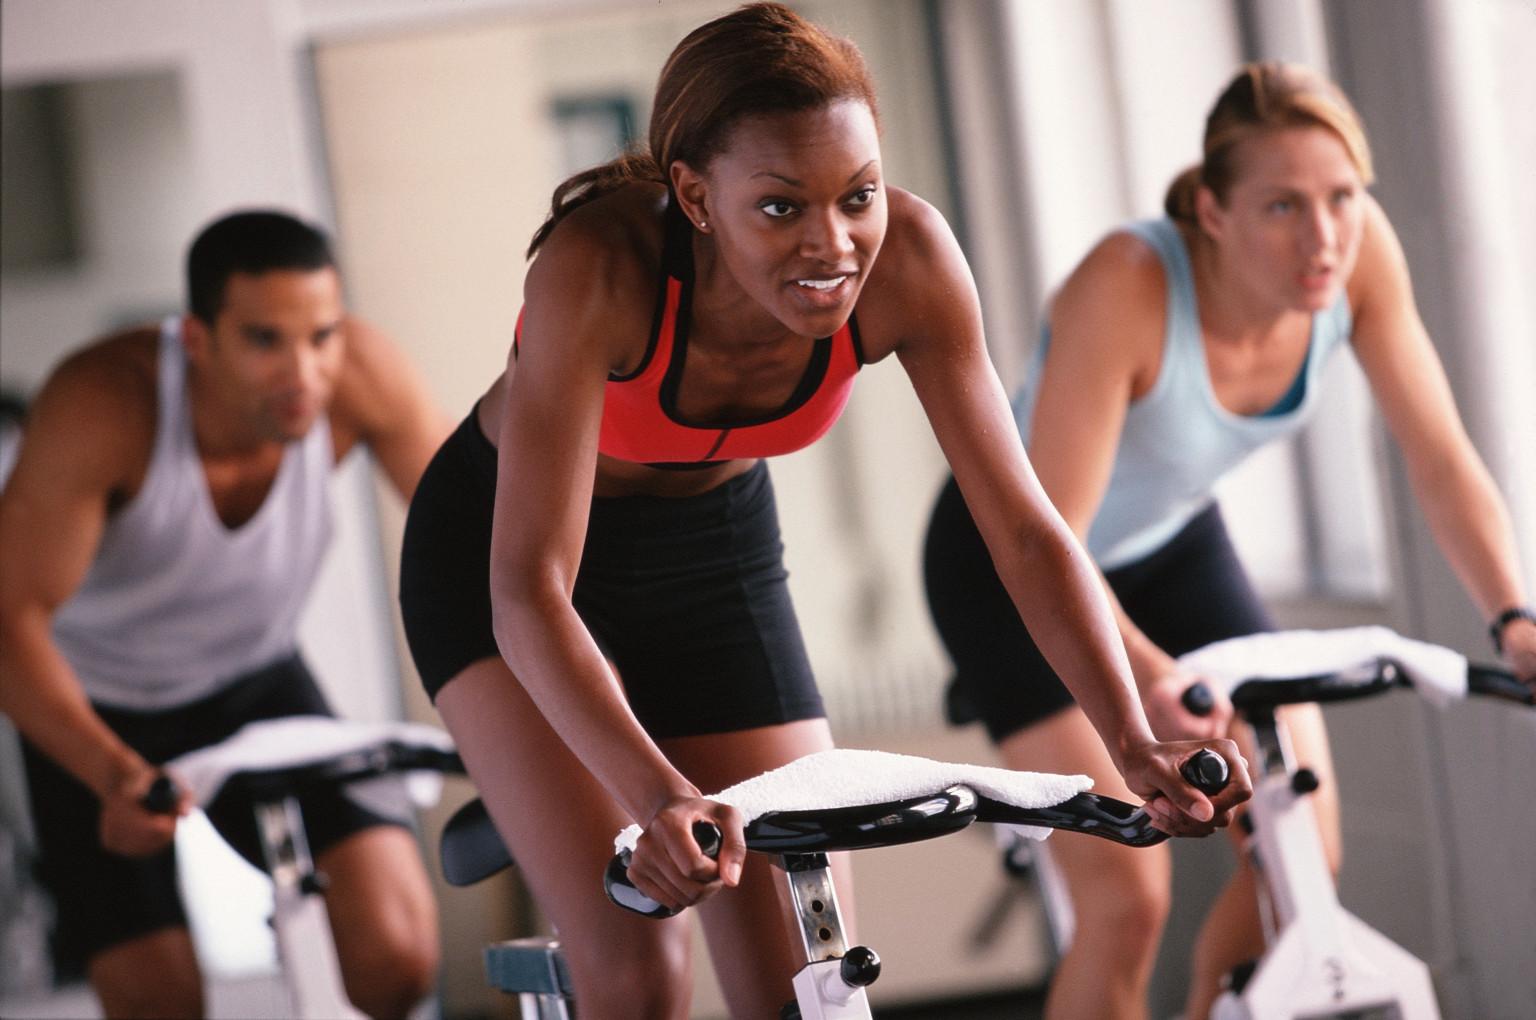 Avoid sweat building activities